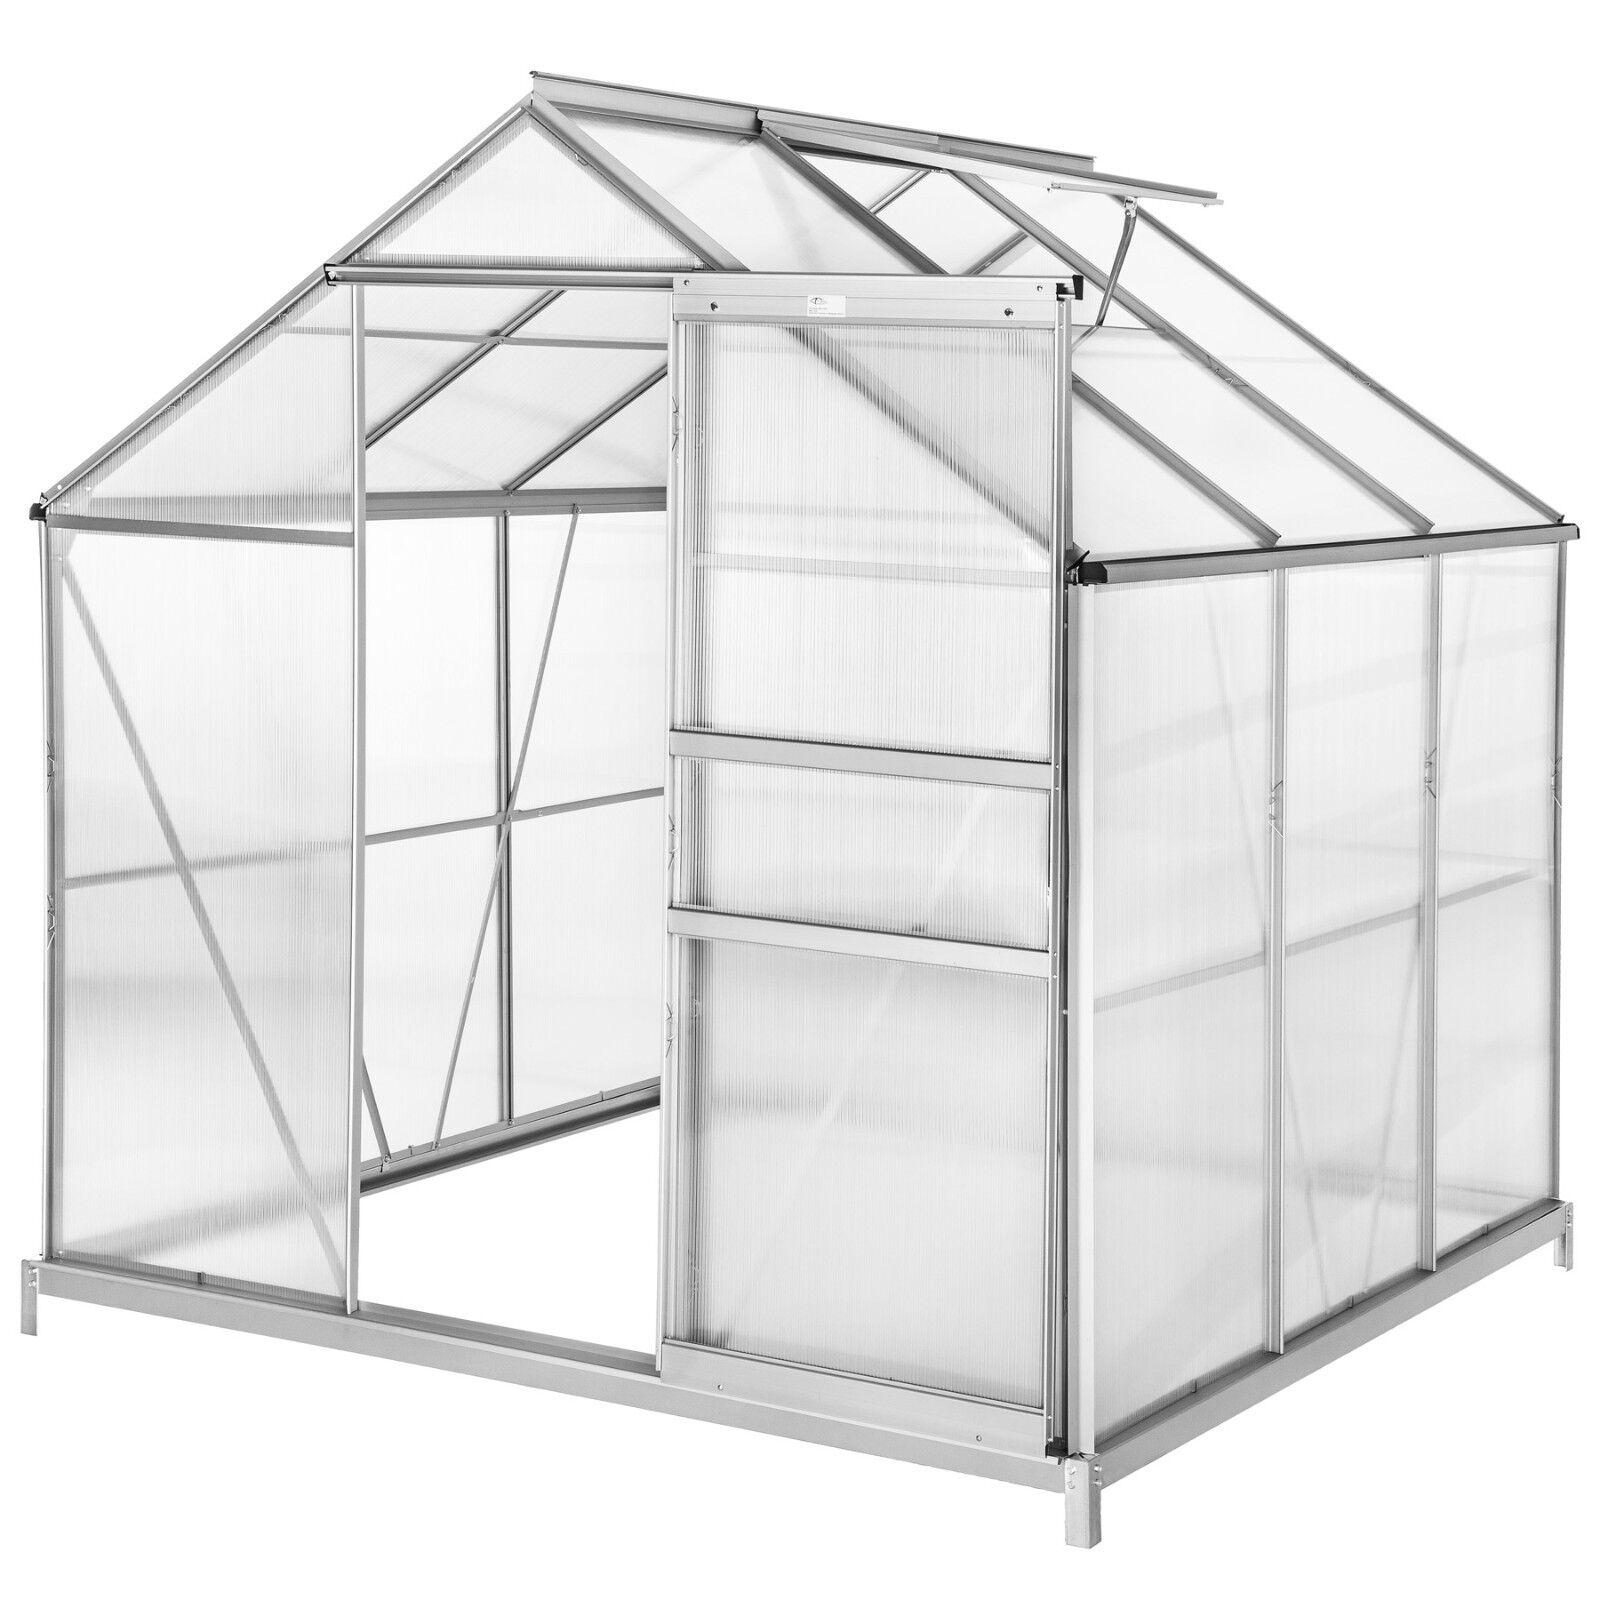 Serra da giardino in alluminio policarbonato piante orto casetta esterno 5,85m³